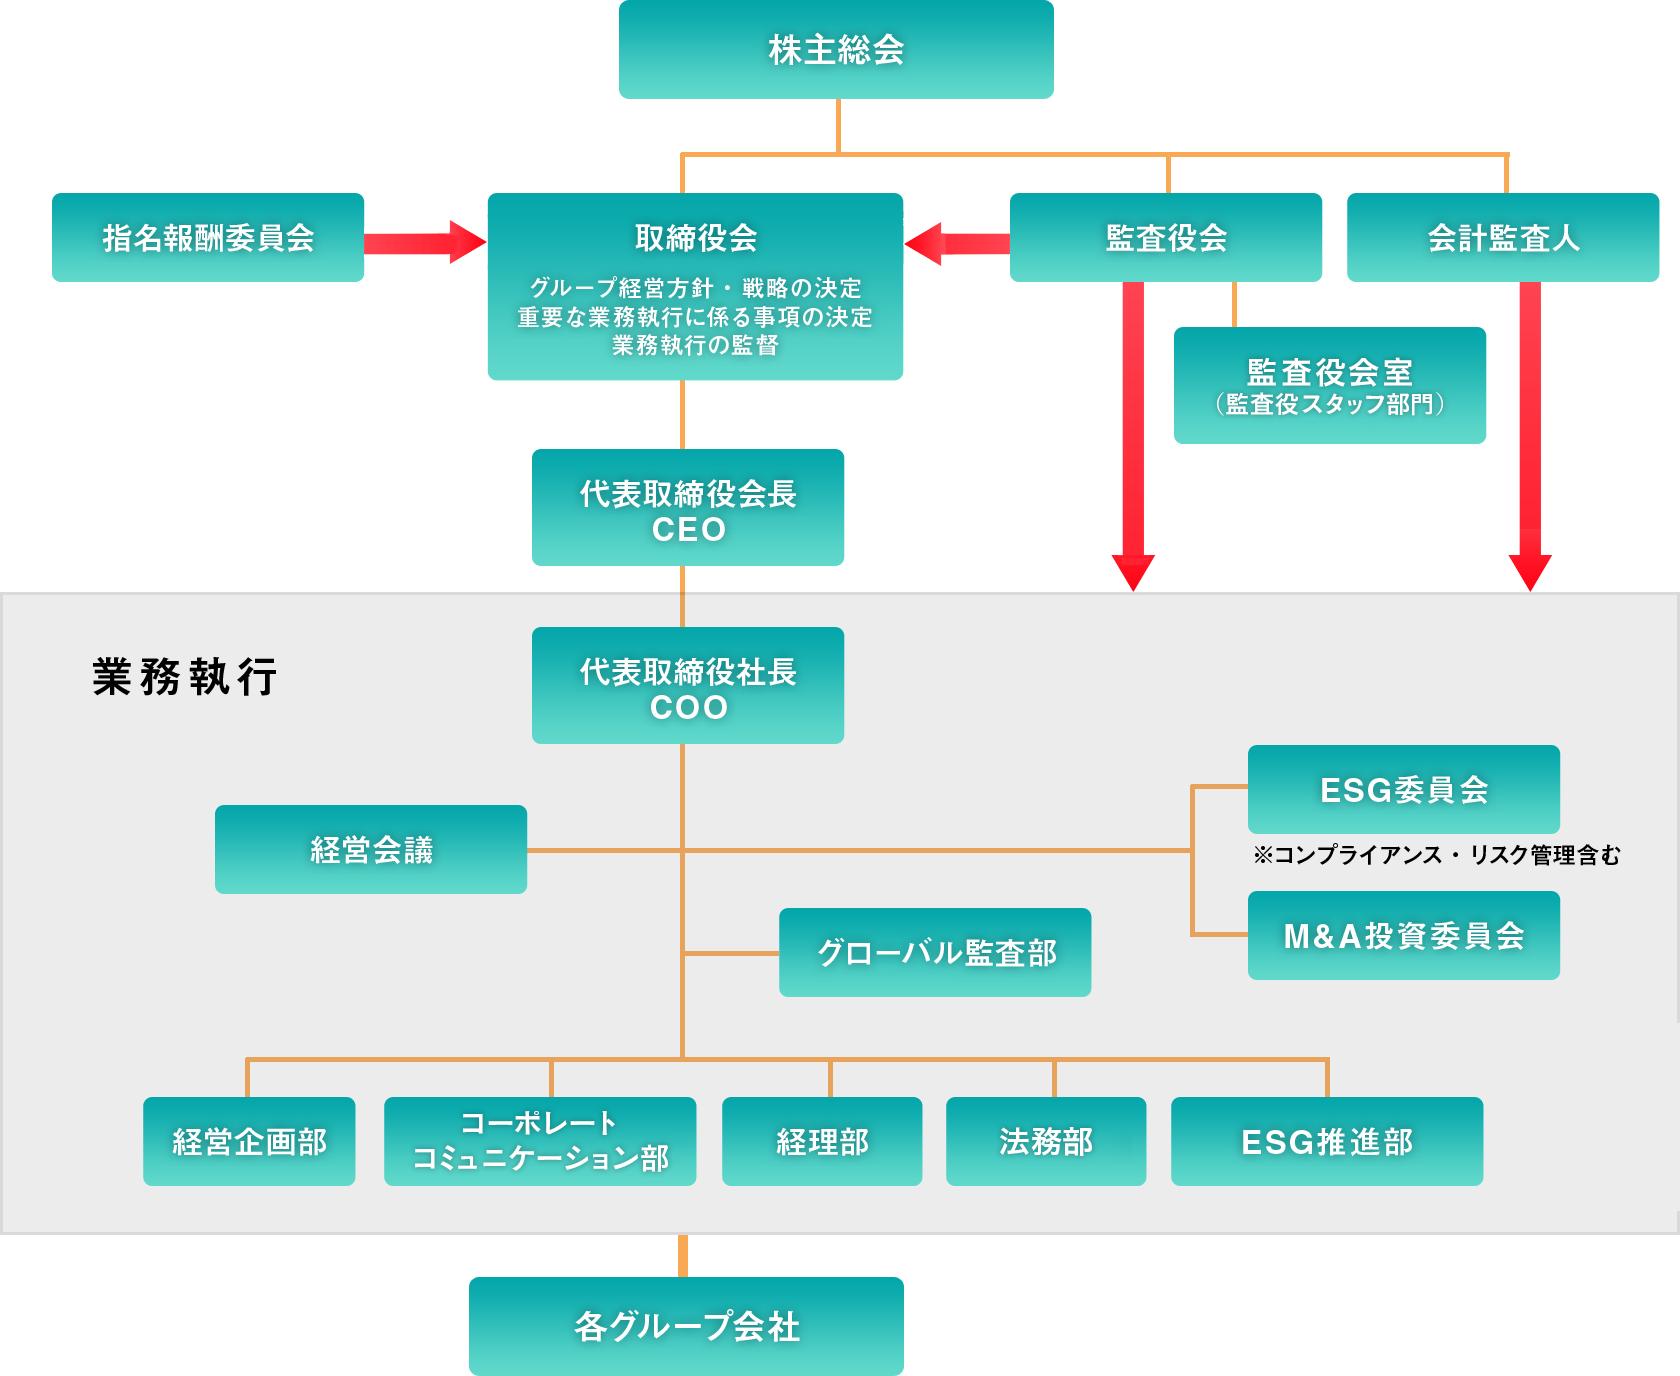 フイルム 予想 富士 株価